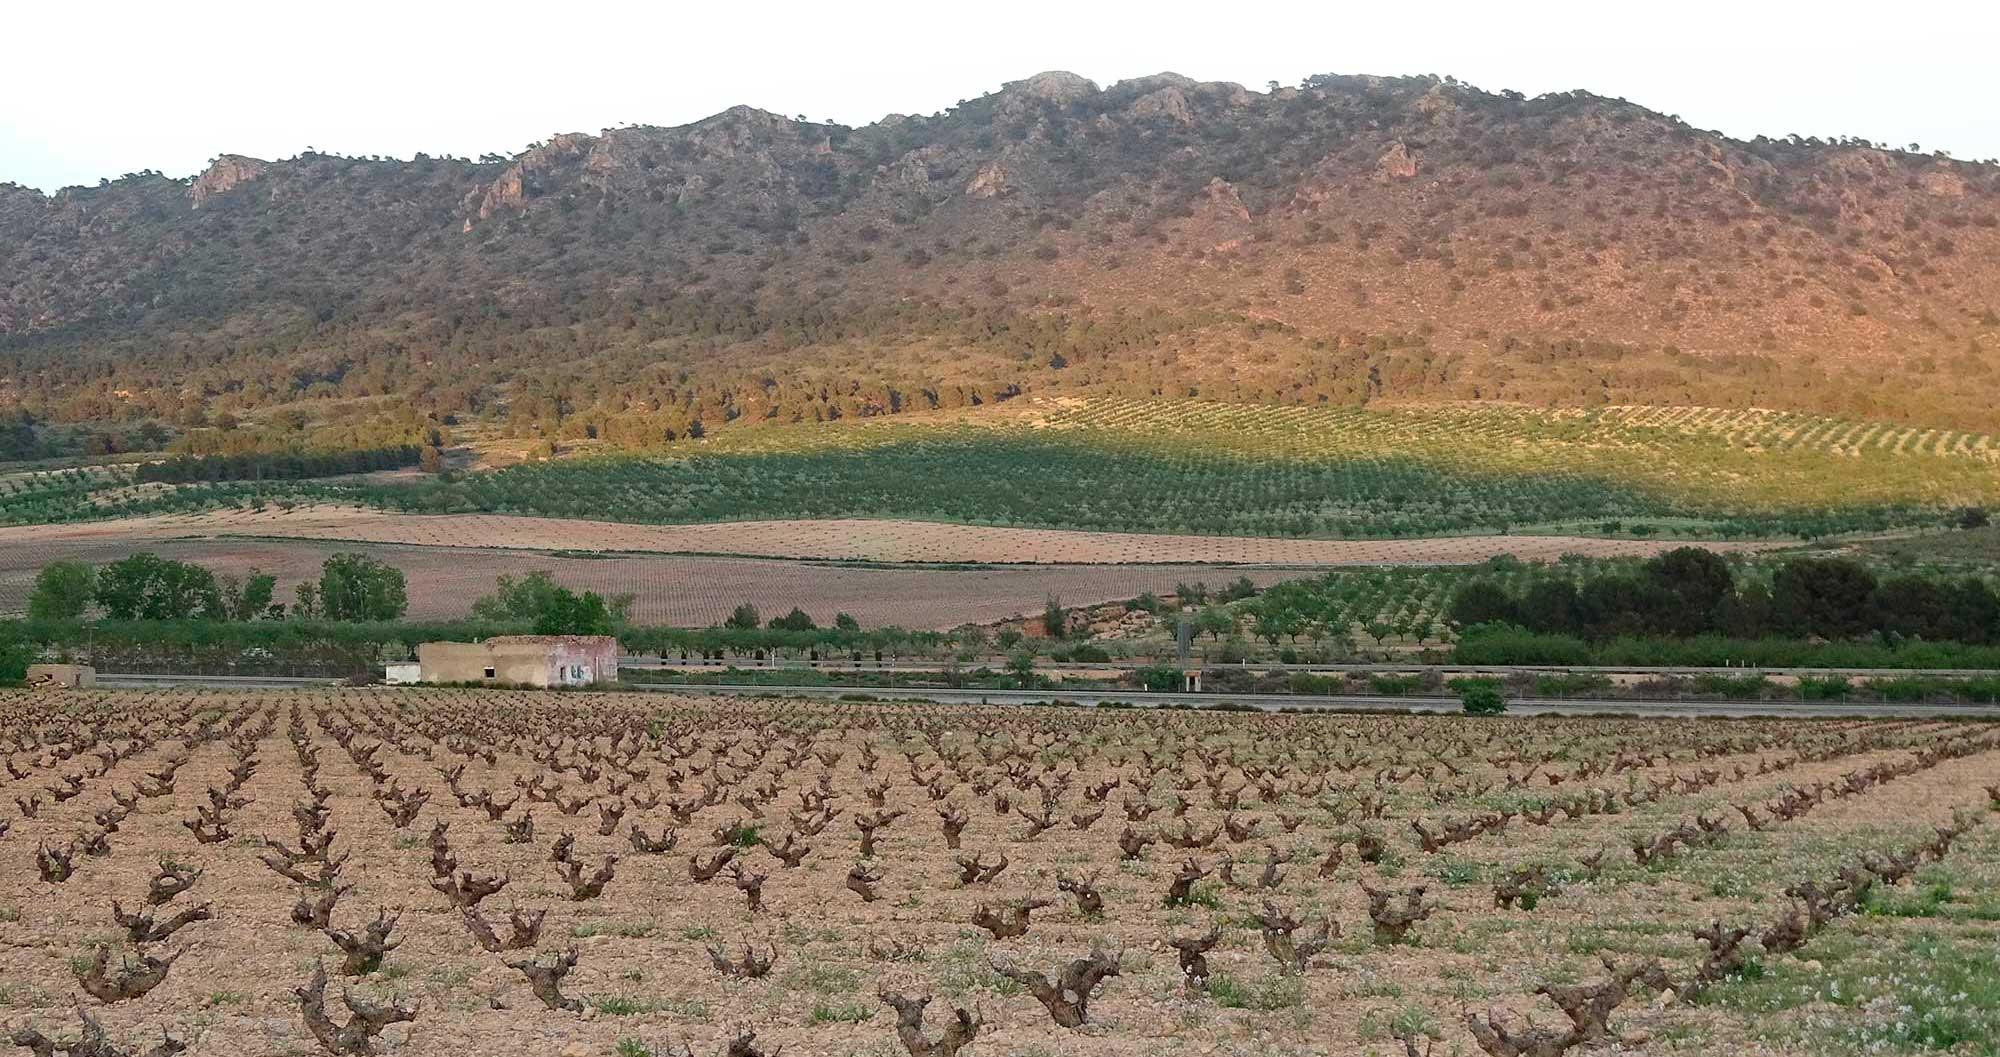 Lider en venta de vinos de Bodega Bruma del Estrecho